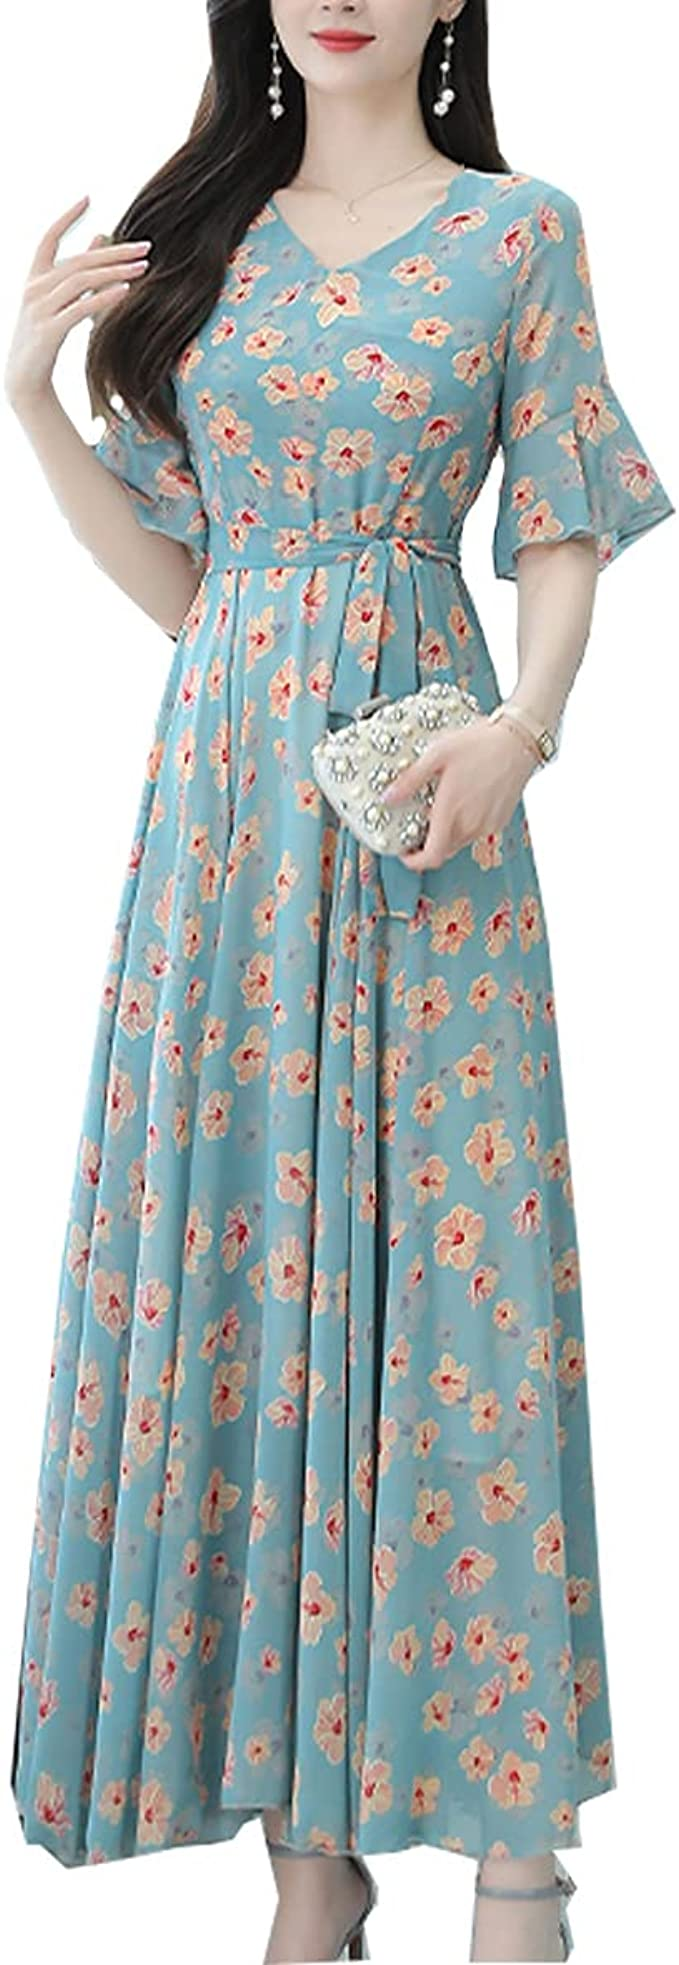 Ilovgirl Maxi Kleider Fur Frauen Blau Floral Print Sommer Party Hochzeit Urlaub Abend Lange Kleid Amazon De Bekleidung